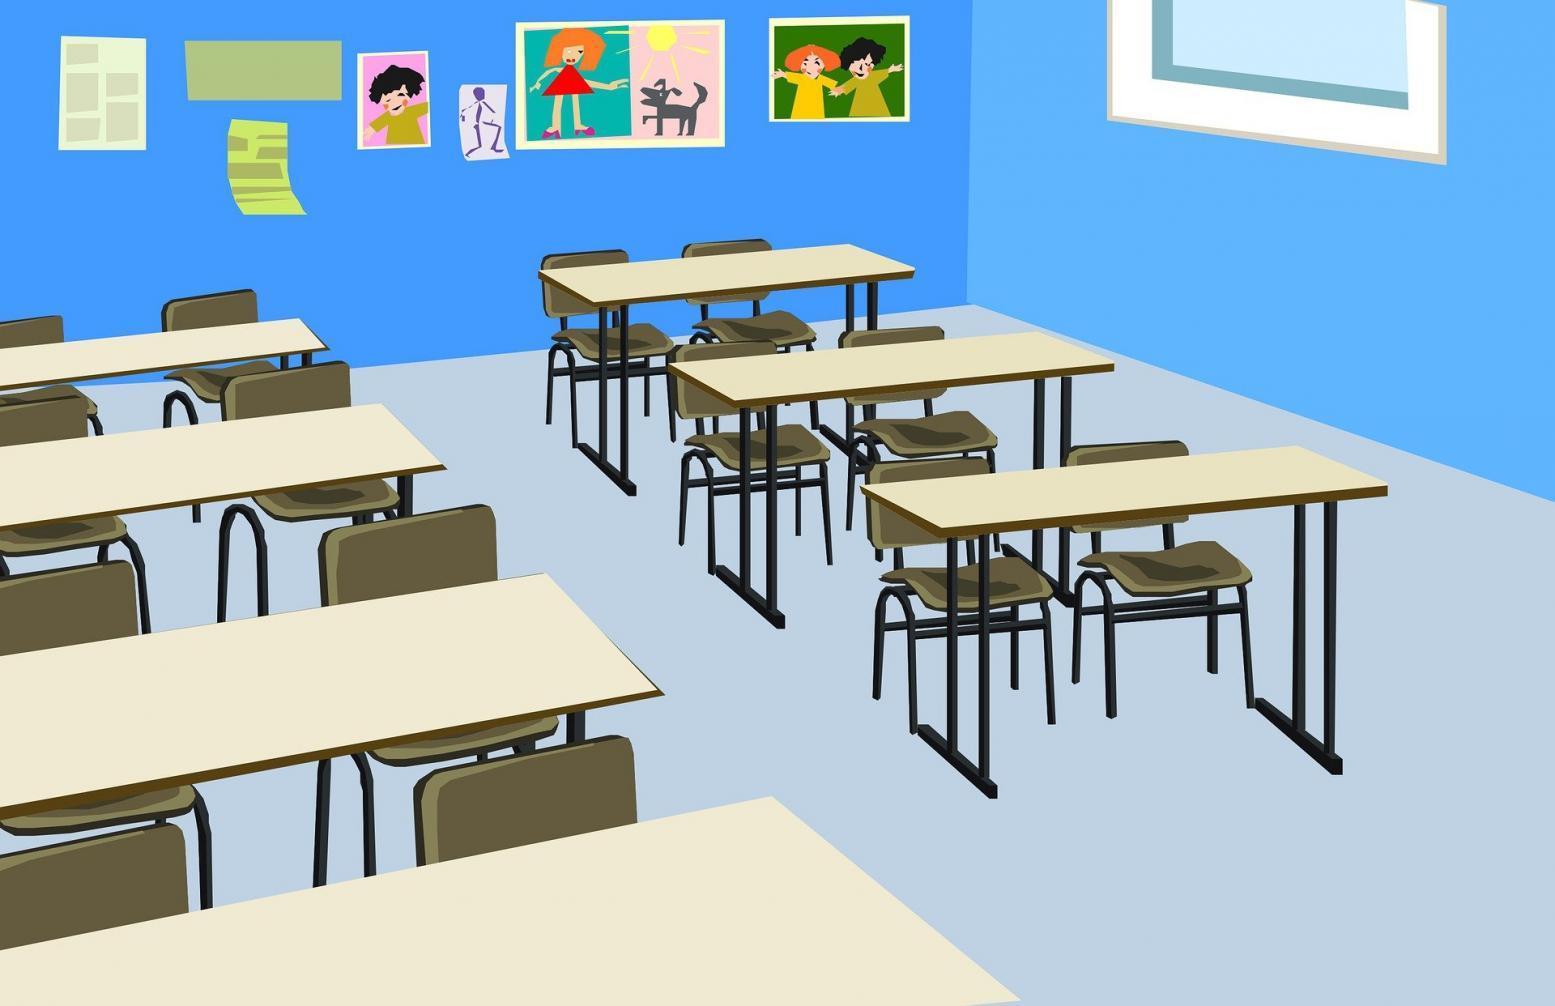 Rematrícula escolar: Contrato deve prever condições caso o período de pandemia se estenda para o próximo ano letivo